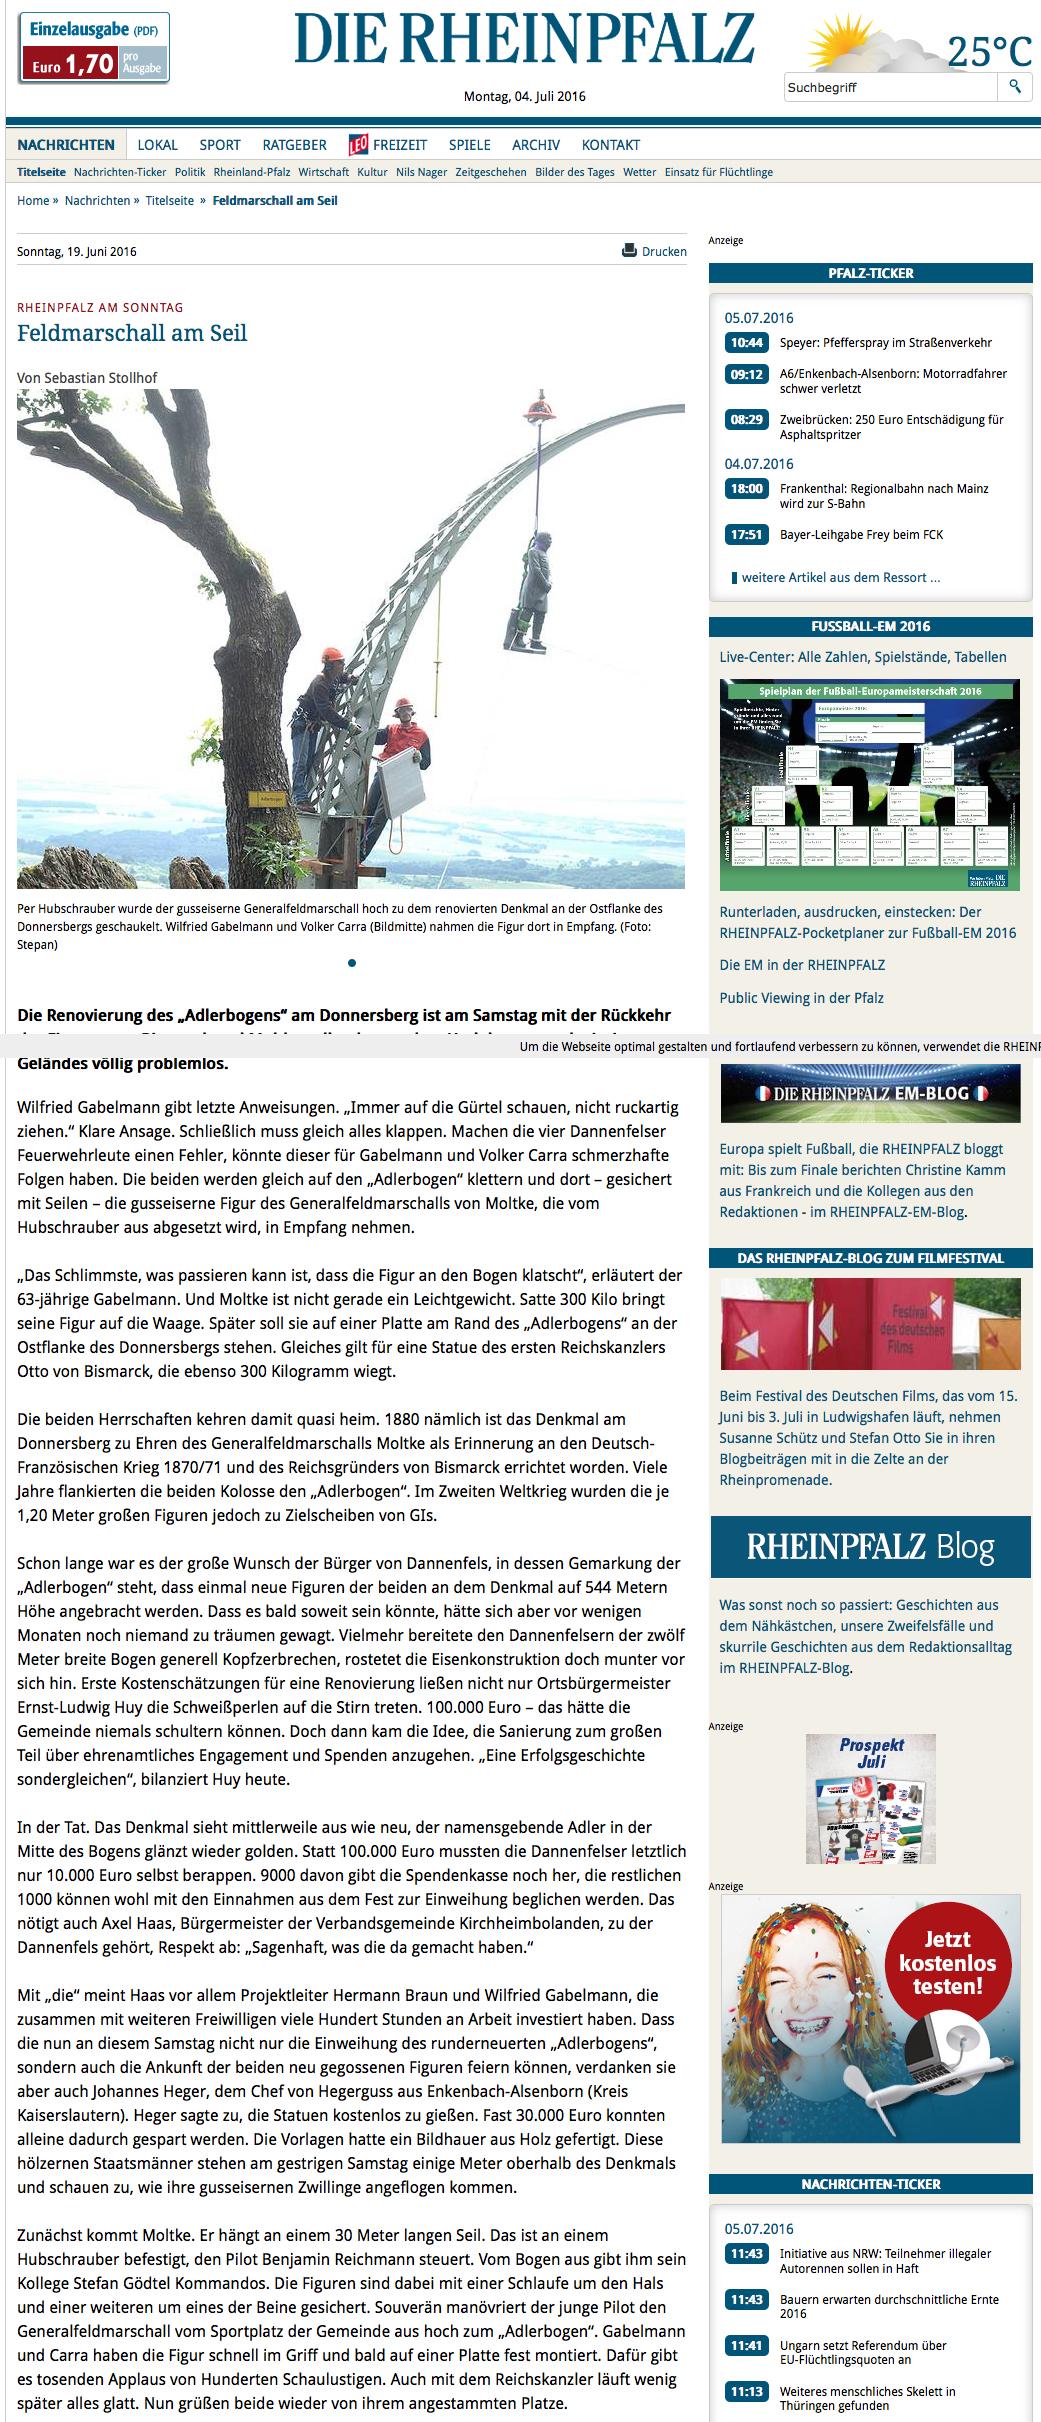 Per Hubschrauber wurde der gusseiserne Generalfeldmarschall hoch zu dem renovierten Denkmal an der Ostflanke des Donnersbergs geschaukelt. Wilfried Gabelmann und Volker Carra (Bildmitte) nahmen die Figur dort in Empfang. (Foto: Stepan)